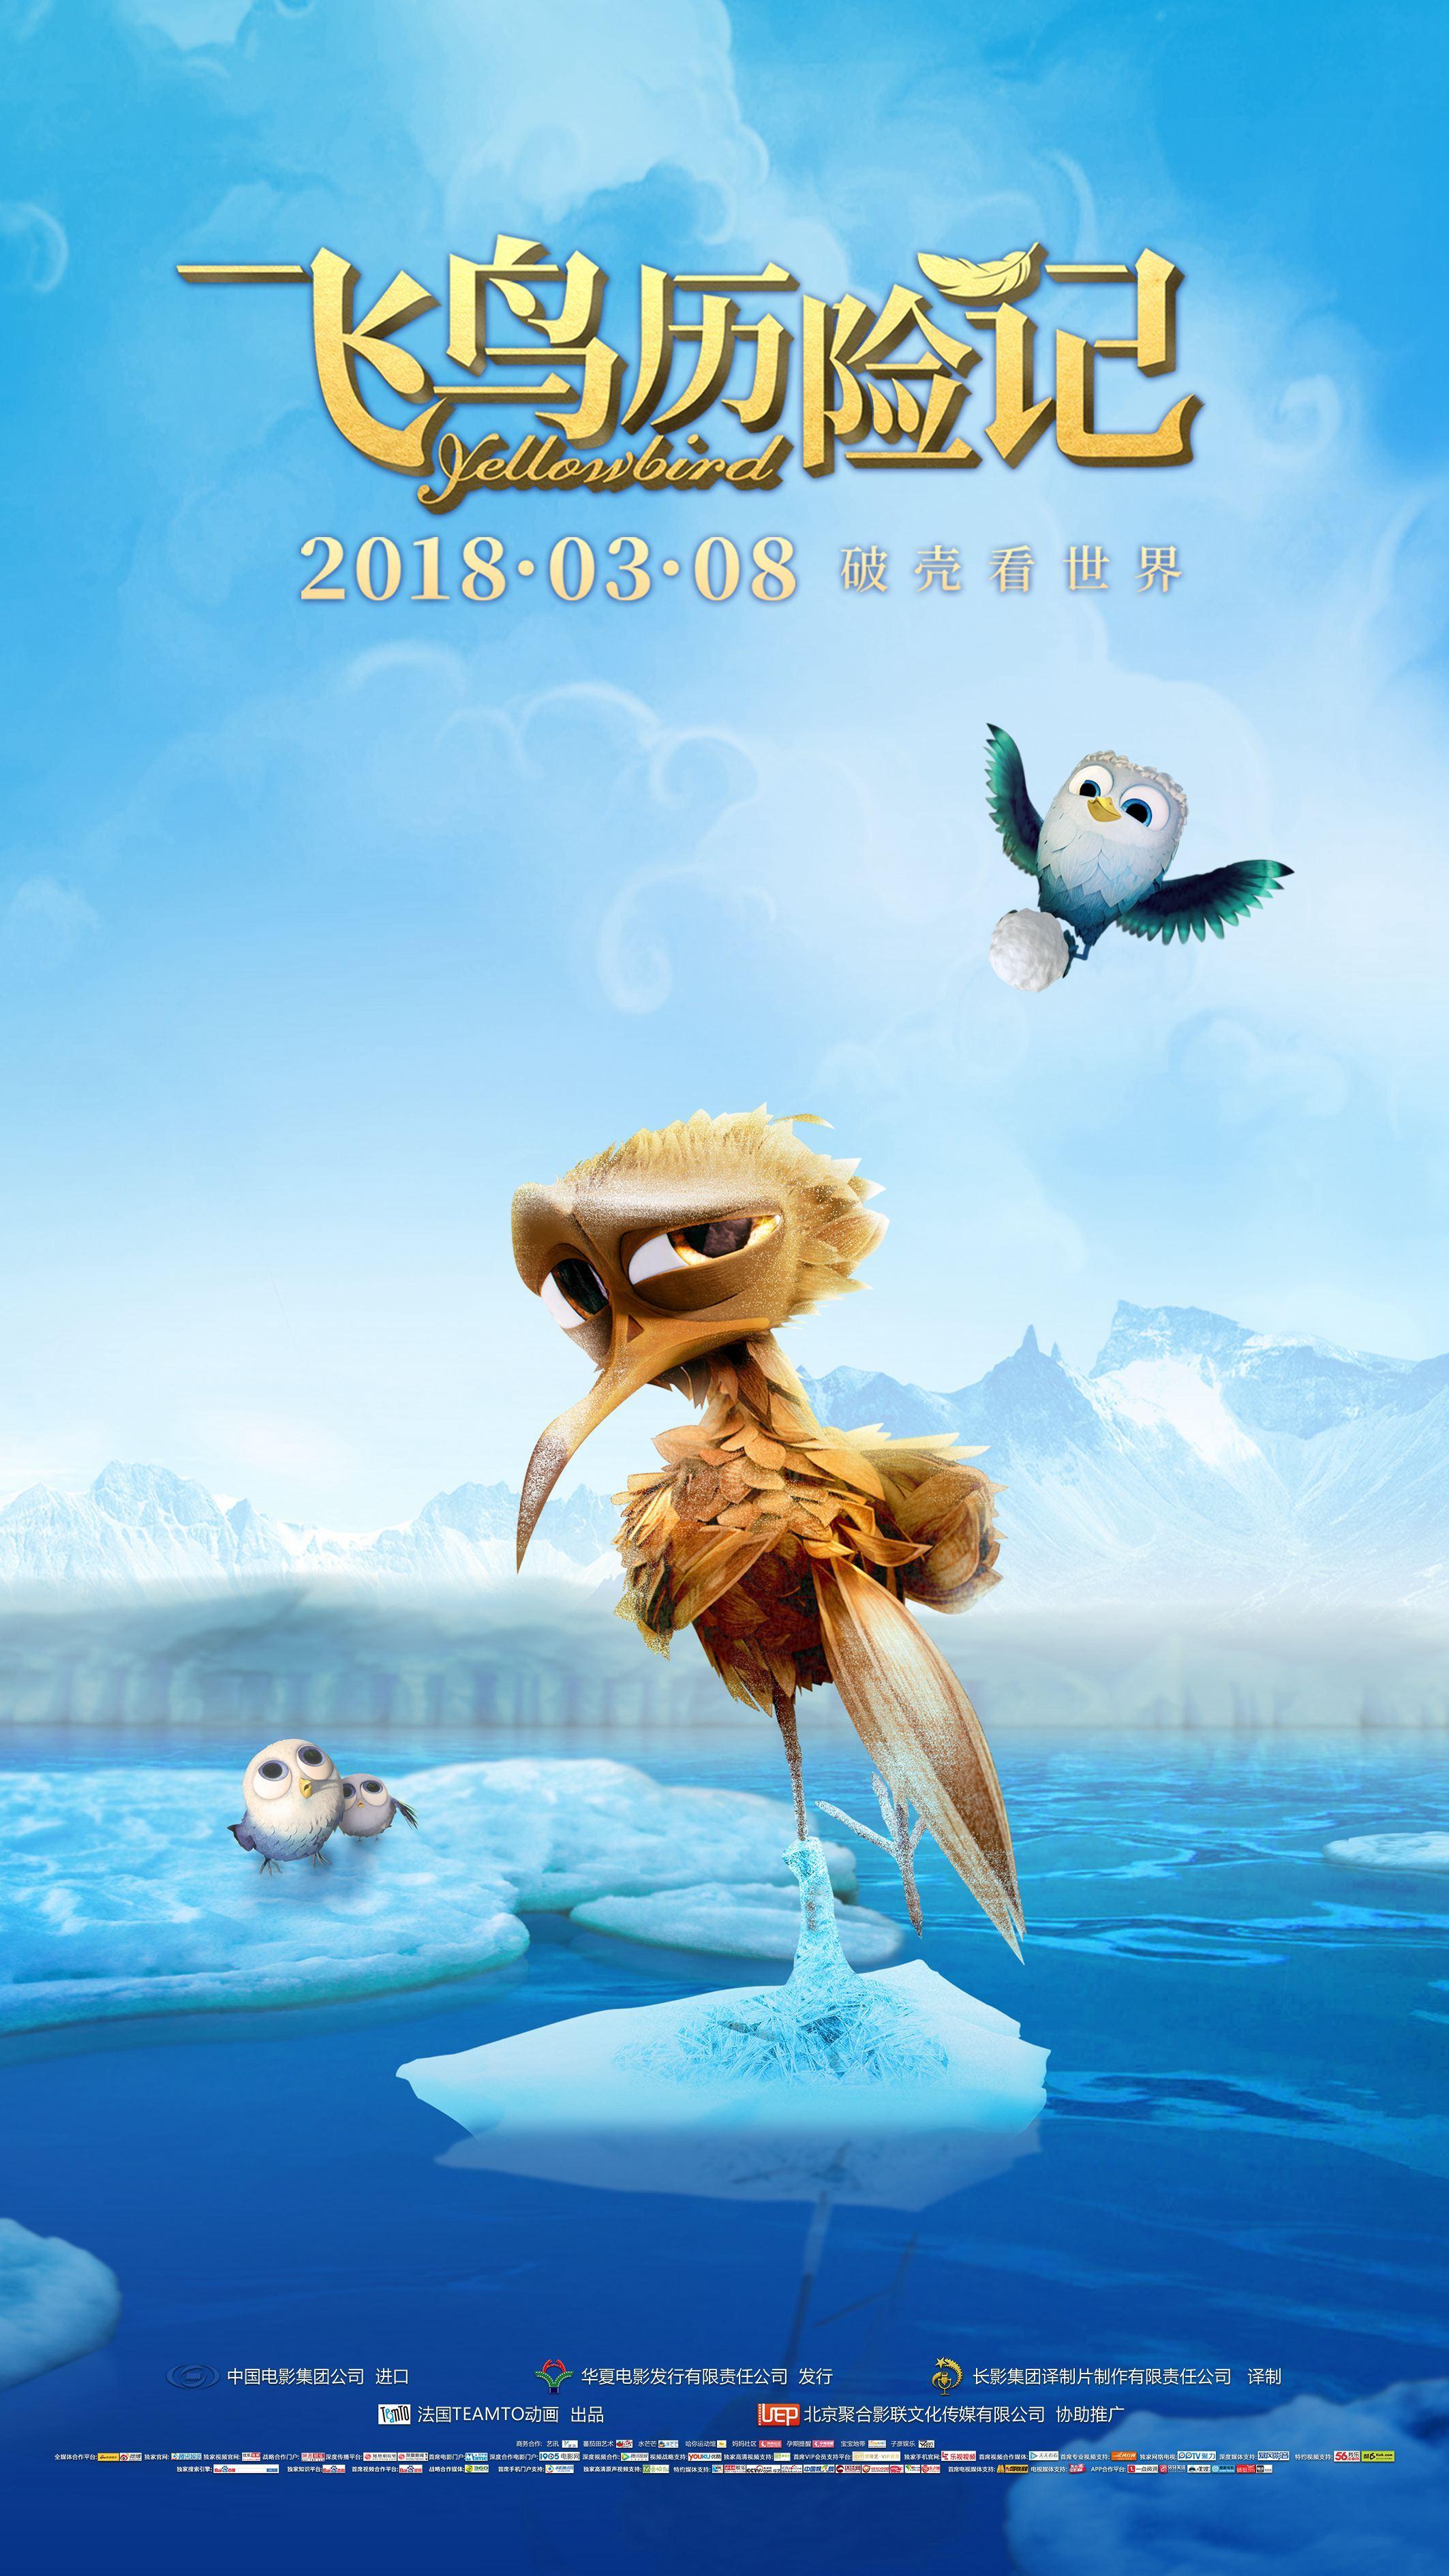 《飞鸟历险记》发预告海报 菜鸟冒险迁徙逆天飞翔